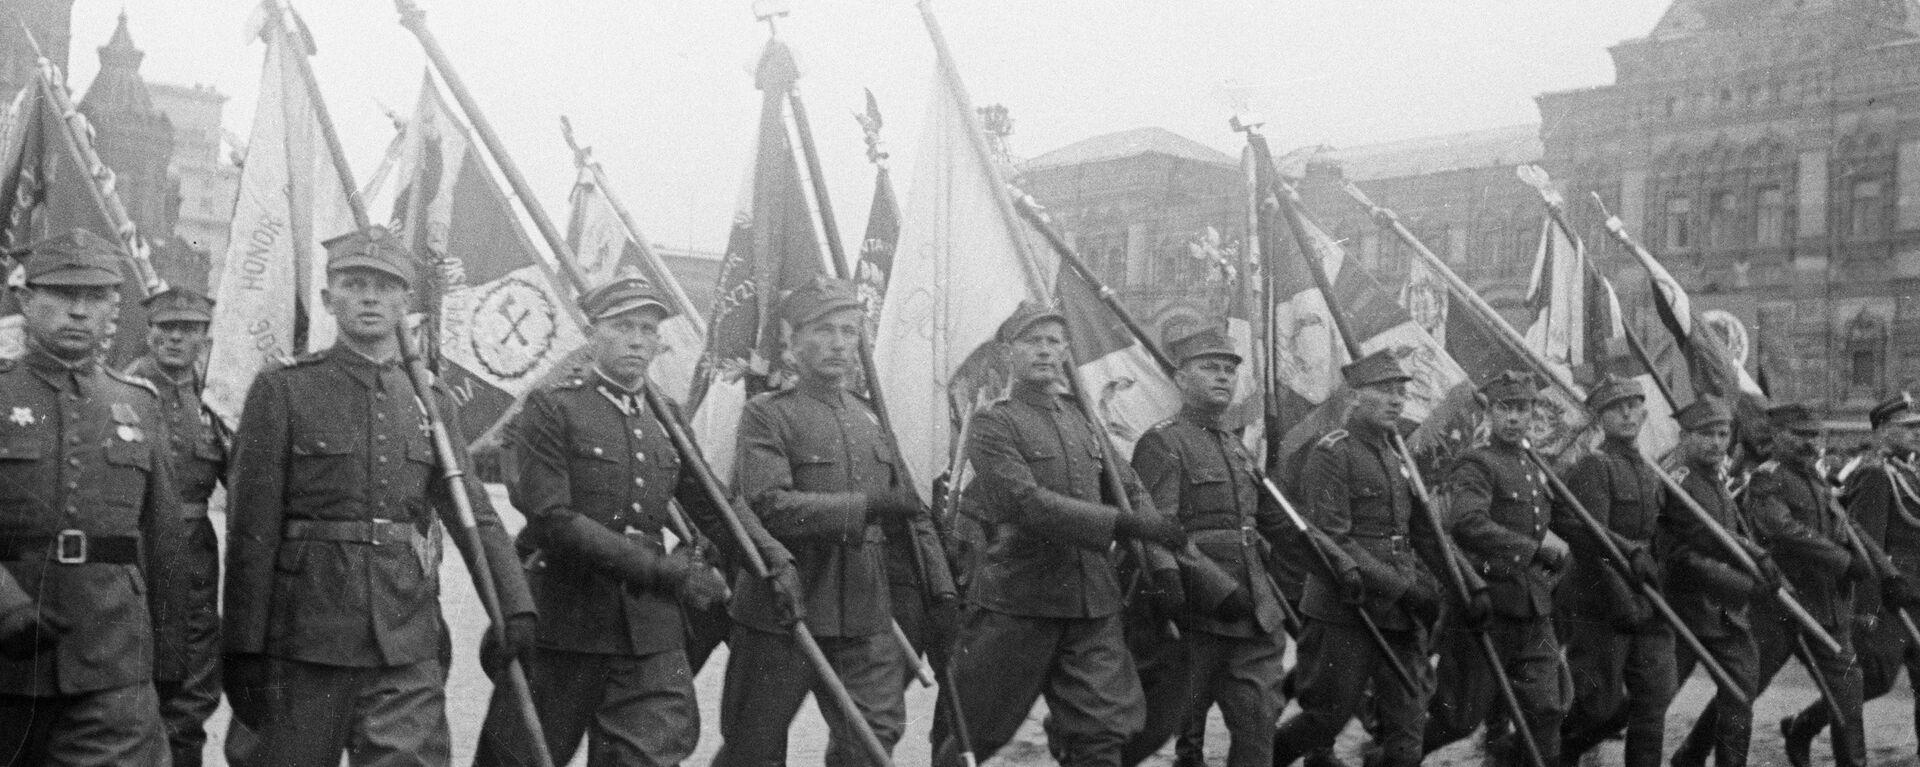 Żołnierzy Wojska Polskiego na Placu Czerwonym - Sputnik Polska, 1920, 19.01.2020